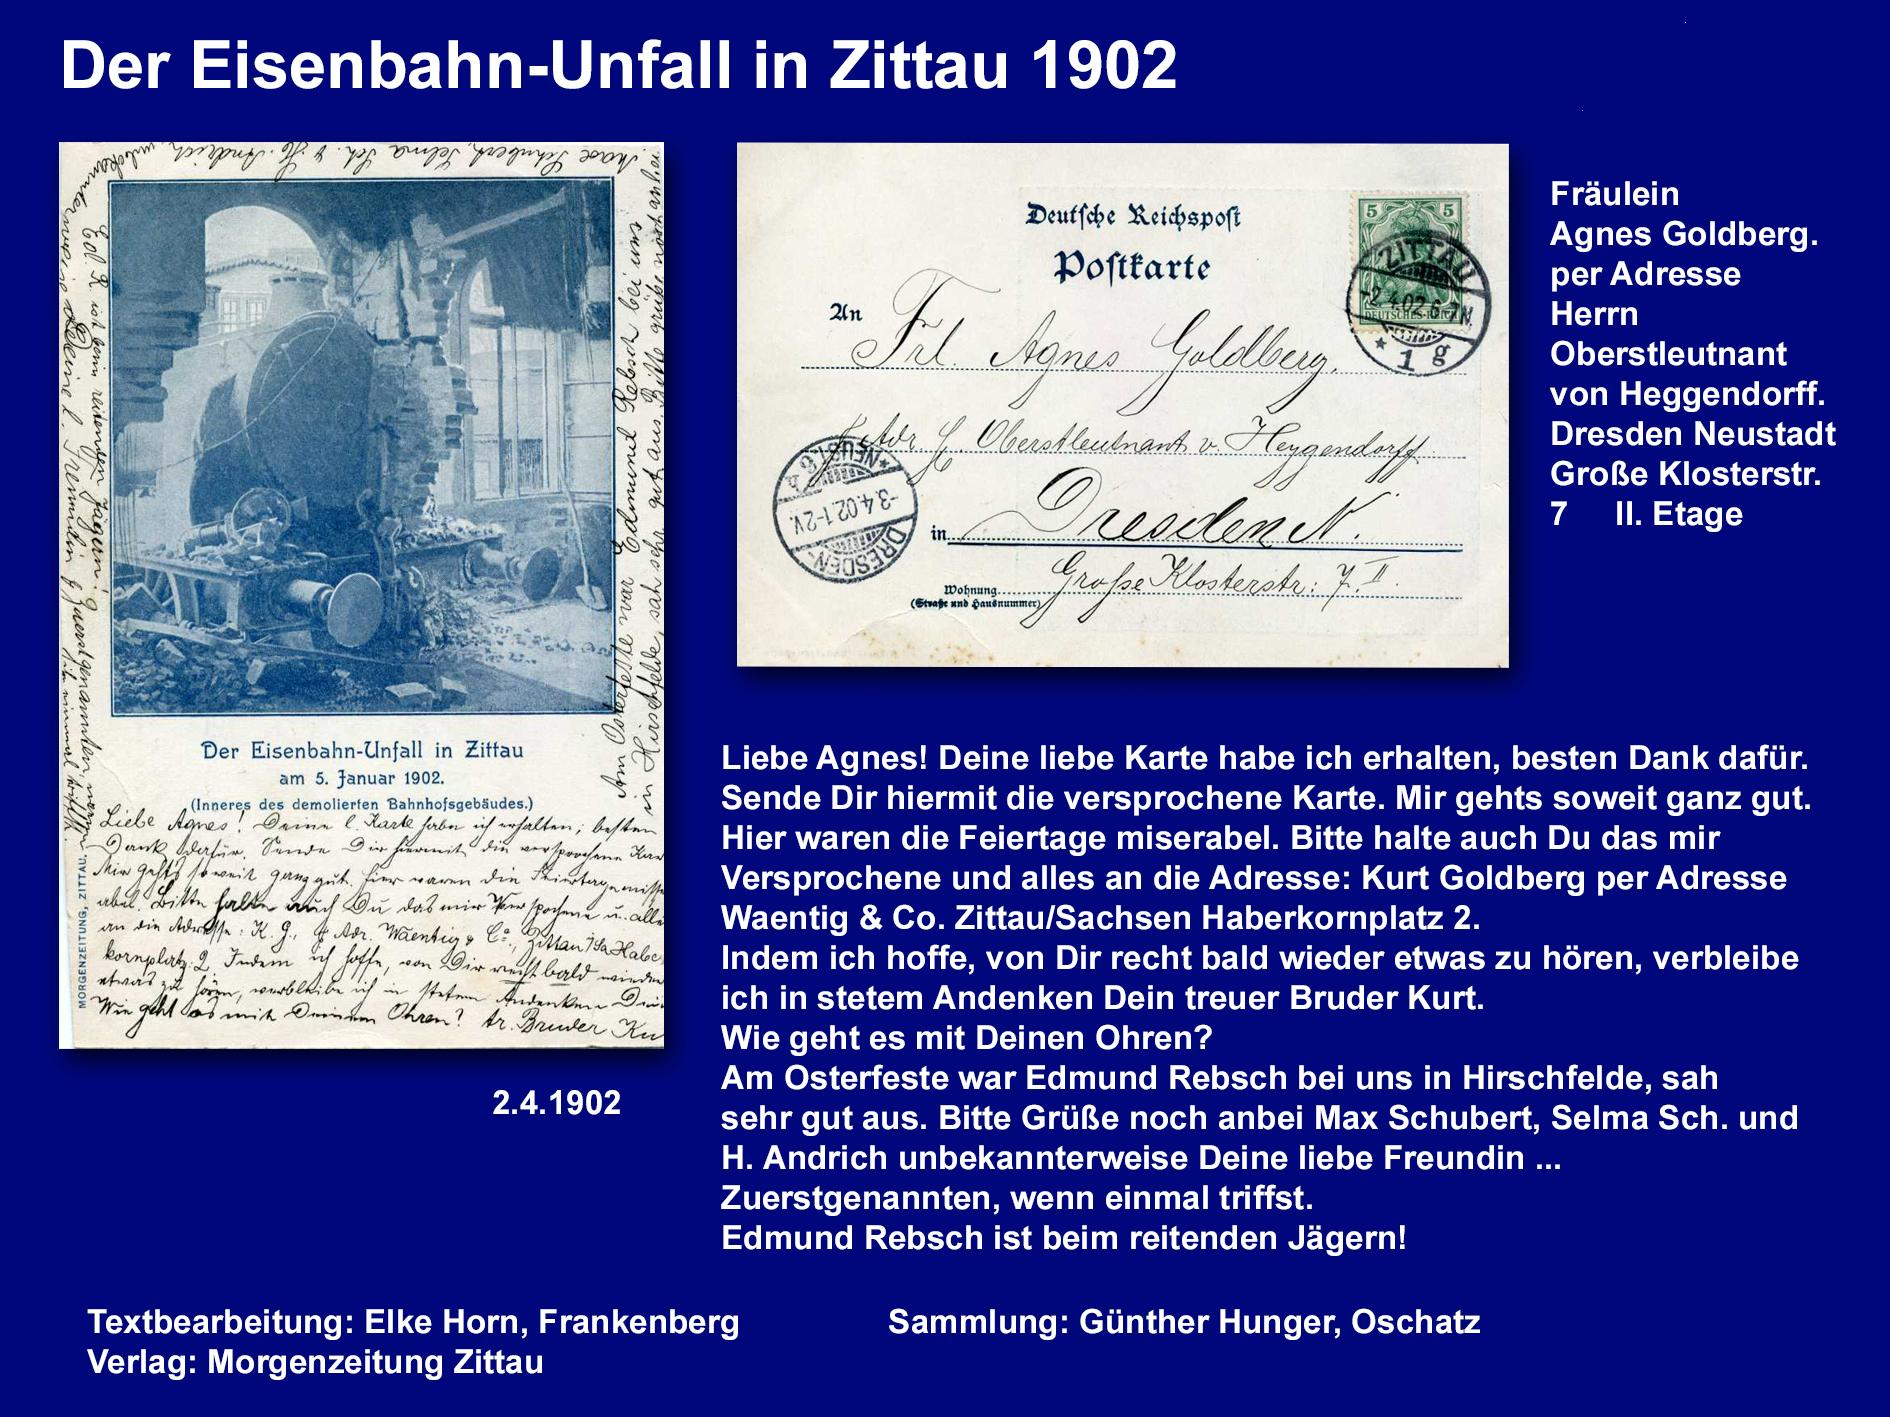 Der Eisenbahn-Unfall Zittau 19021